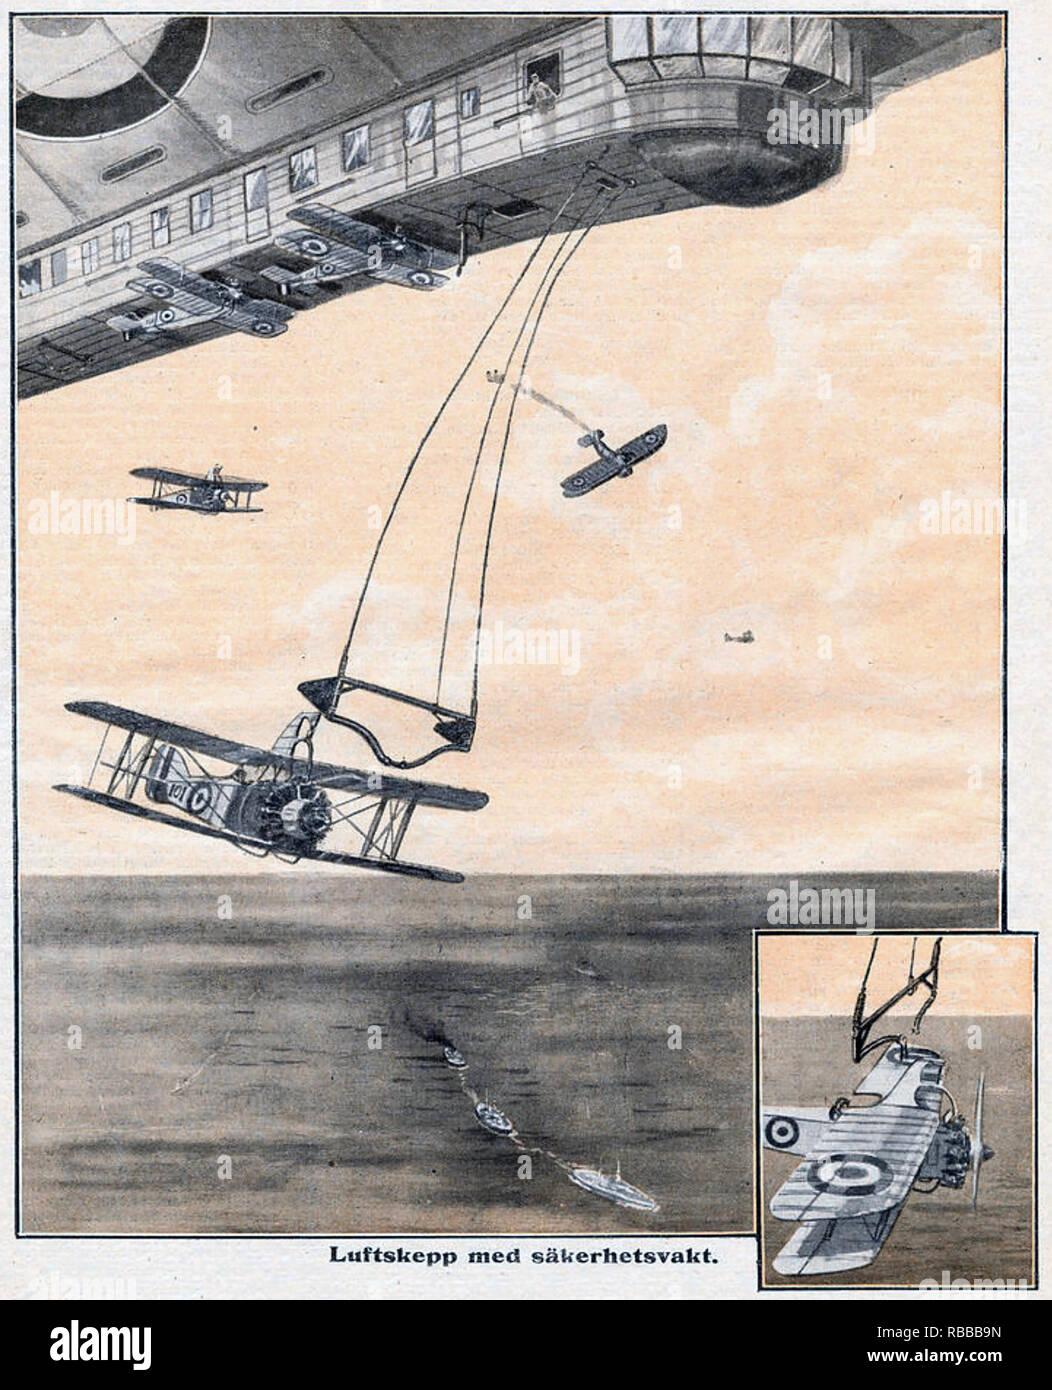 Dirigibile lancia un aeromobile un concetto di fantasia in una rivista svedese del 1925. Nota la minipala sottocarri sul biplani. Immagini Stock